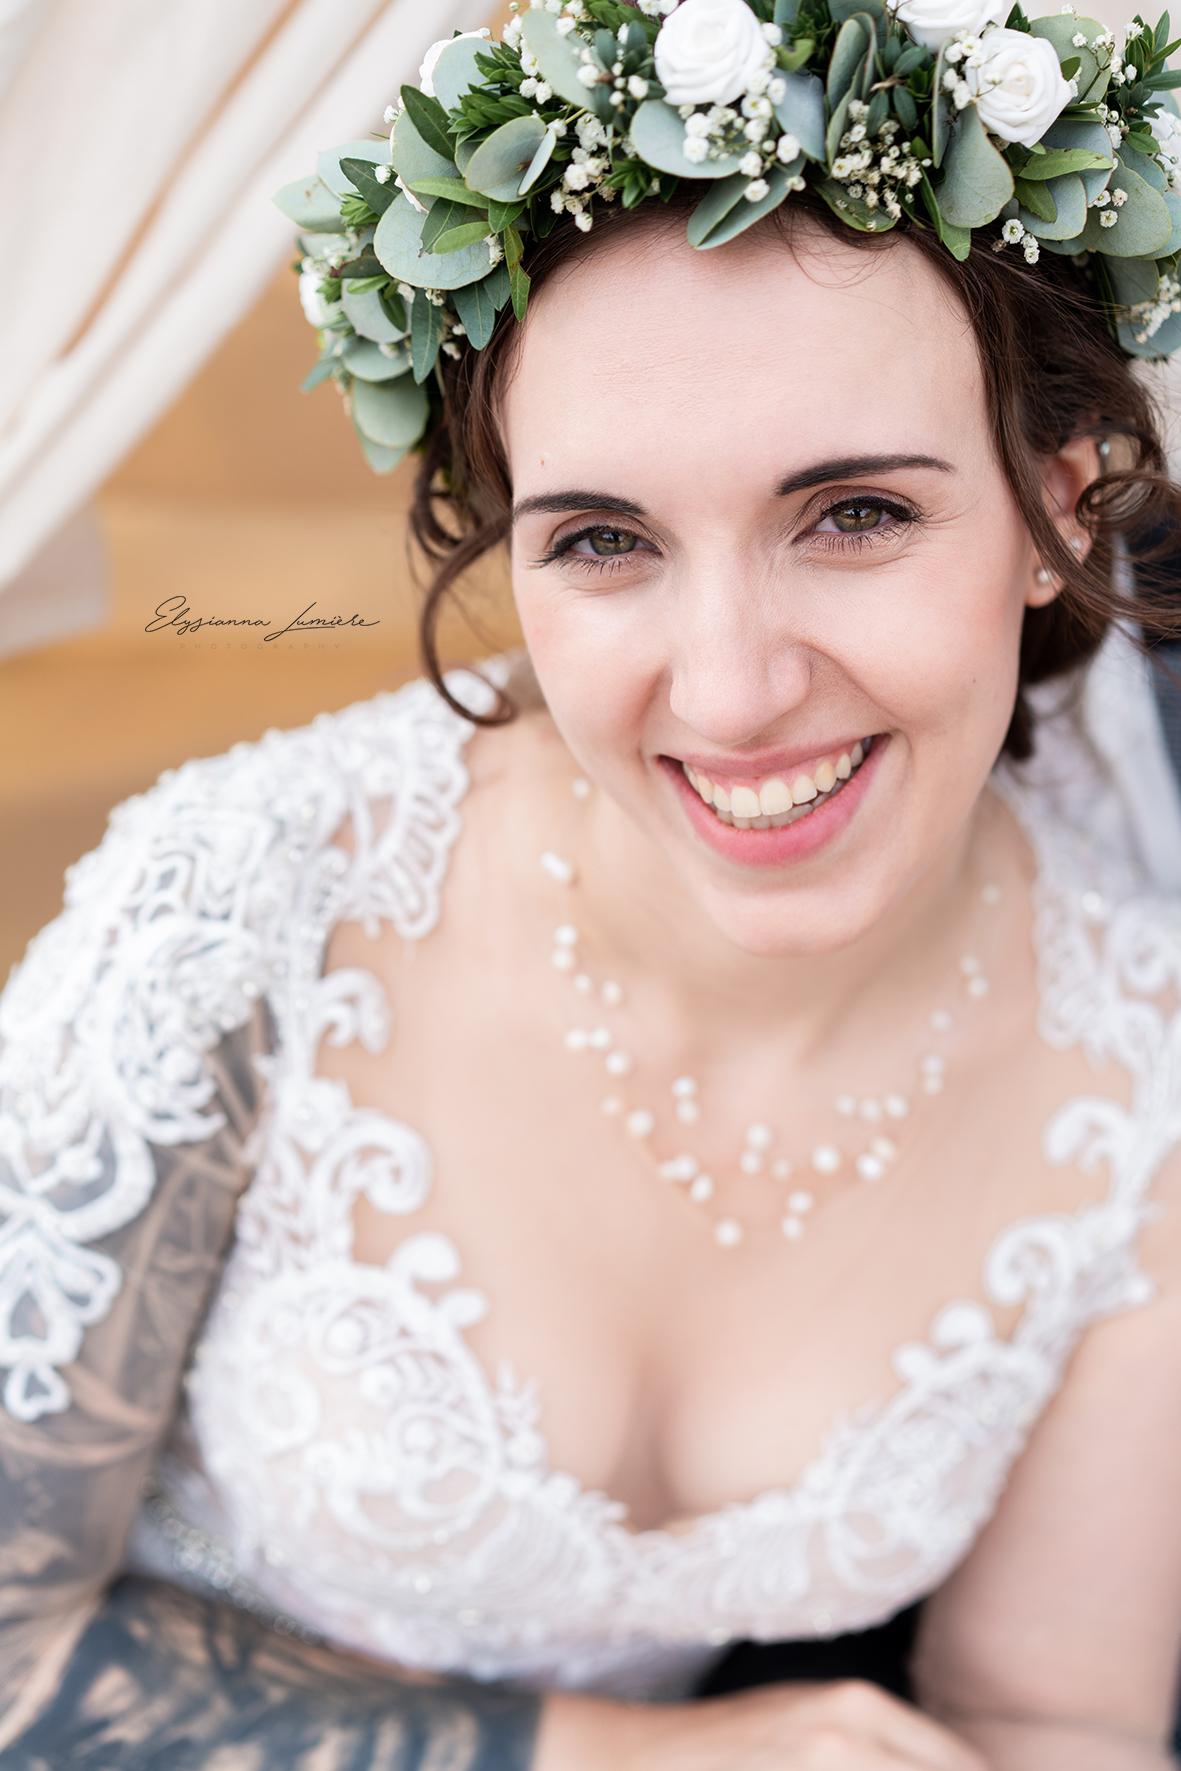 Hochzeitsfotografie Bremen Brautfoto mit Blumenkranz